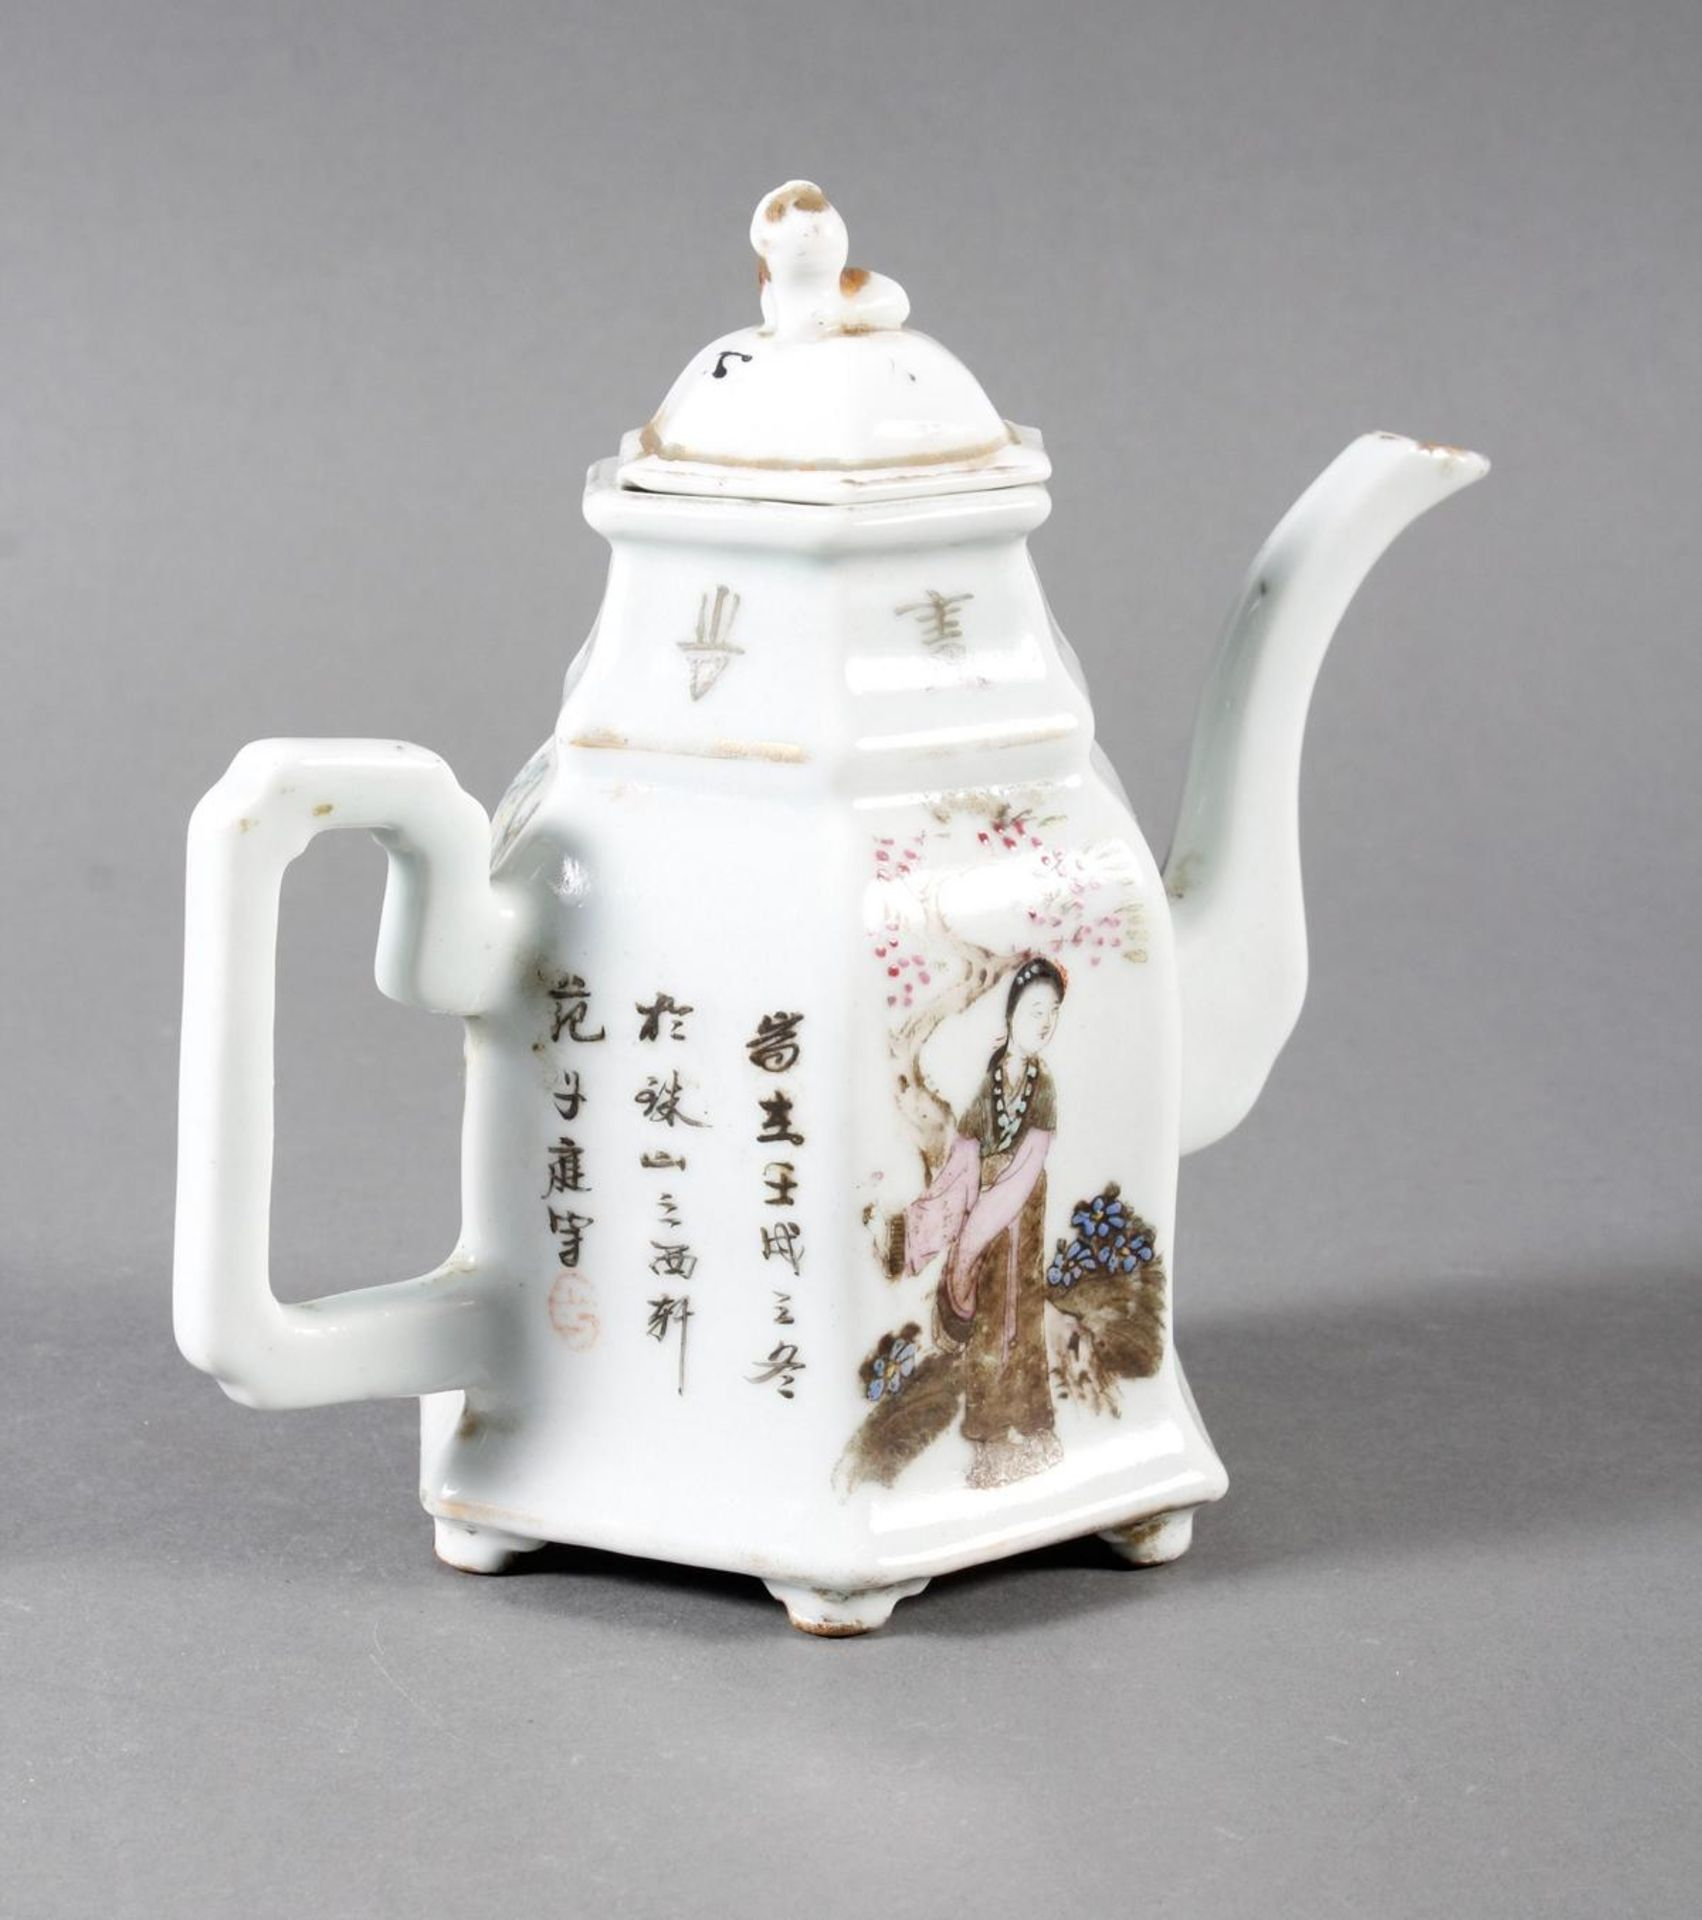 Porzellan Teekann, China, 19. Jahrhundert - Bild 5 aus 15